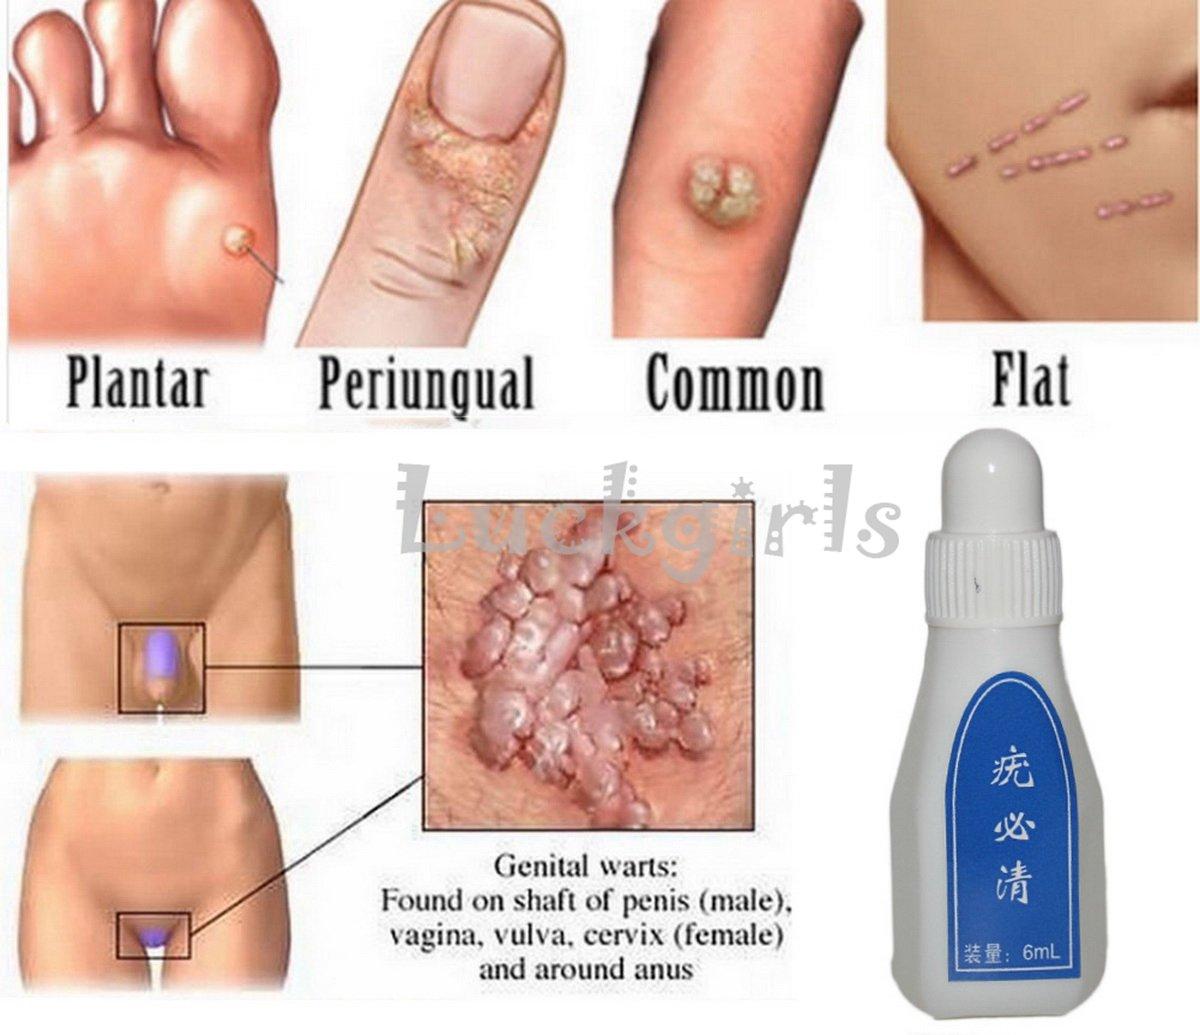 hpv wart removal paraziti intestinali ciclide